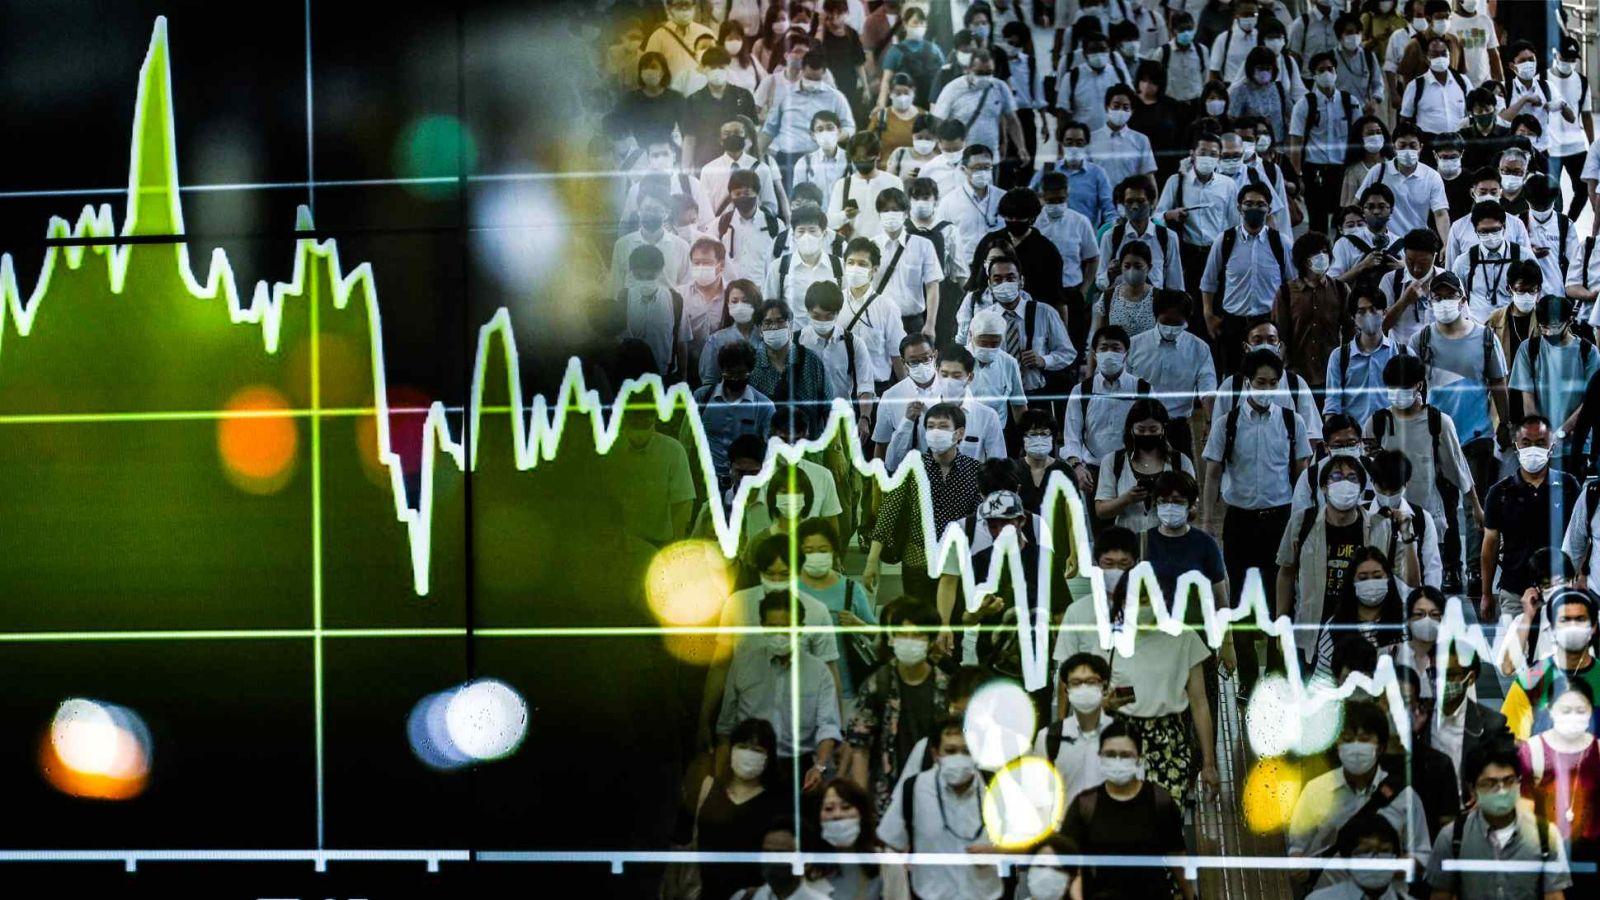 """Một chiến lược gia thị trường mới nổi cho biết: """"Sự nghiêm ngặt trong các biện pháp khóa cửa có tương quan nghịch với hoạt động của thị trường, đặc biệt là các cổ phiếu nhạy cảm với nhu cầu trong nước. (Nguồn ảnh của Tetsuya Kitayama và Reuters)"""